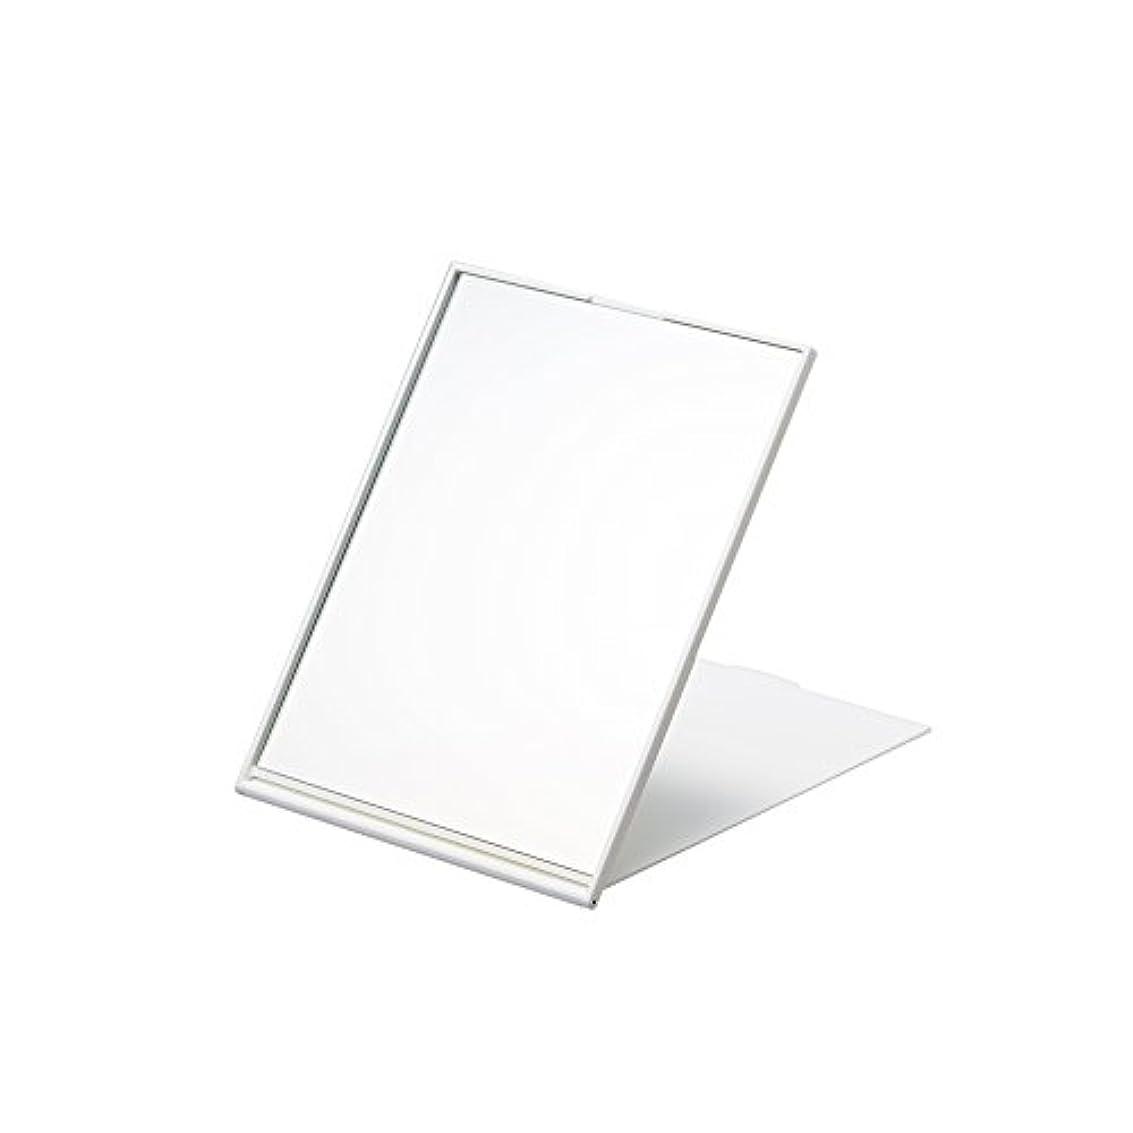 間違い被るマウスピースナピュアミラー スリム&ライトコンパクトナピュアミラーL ホワイト AM-007WH